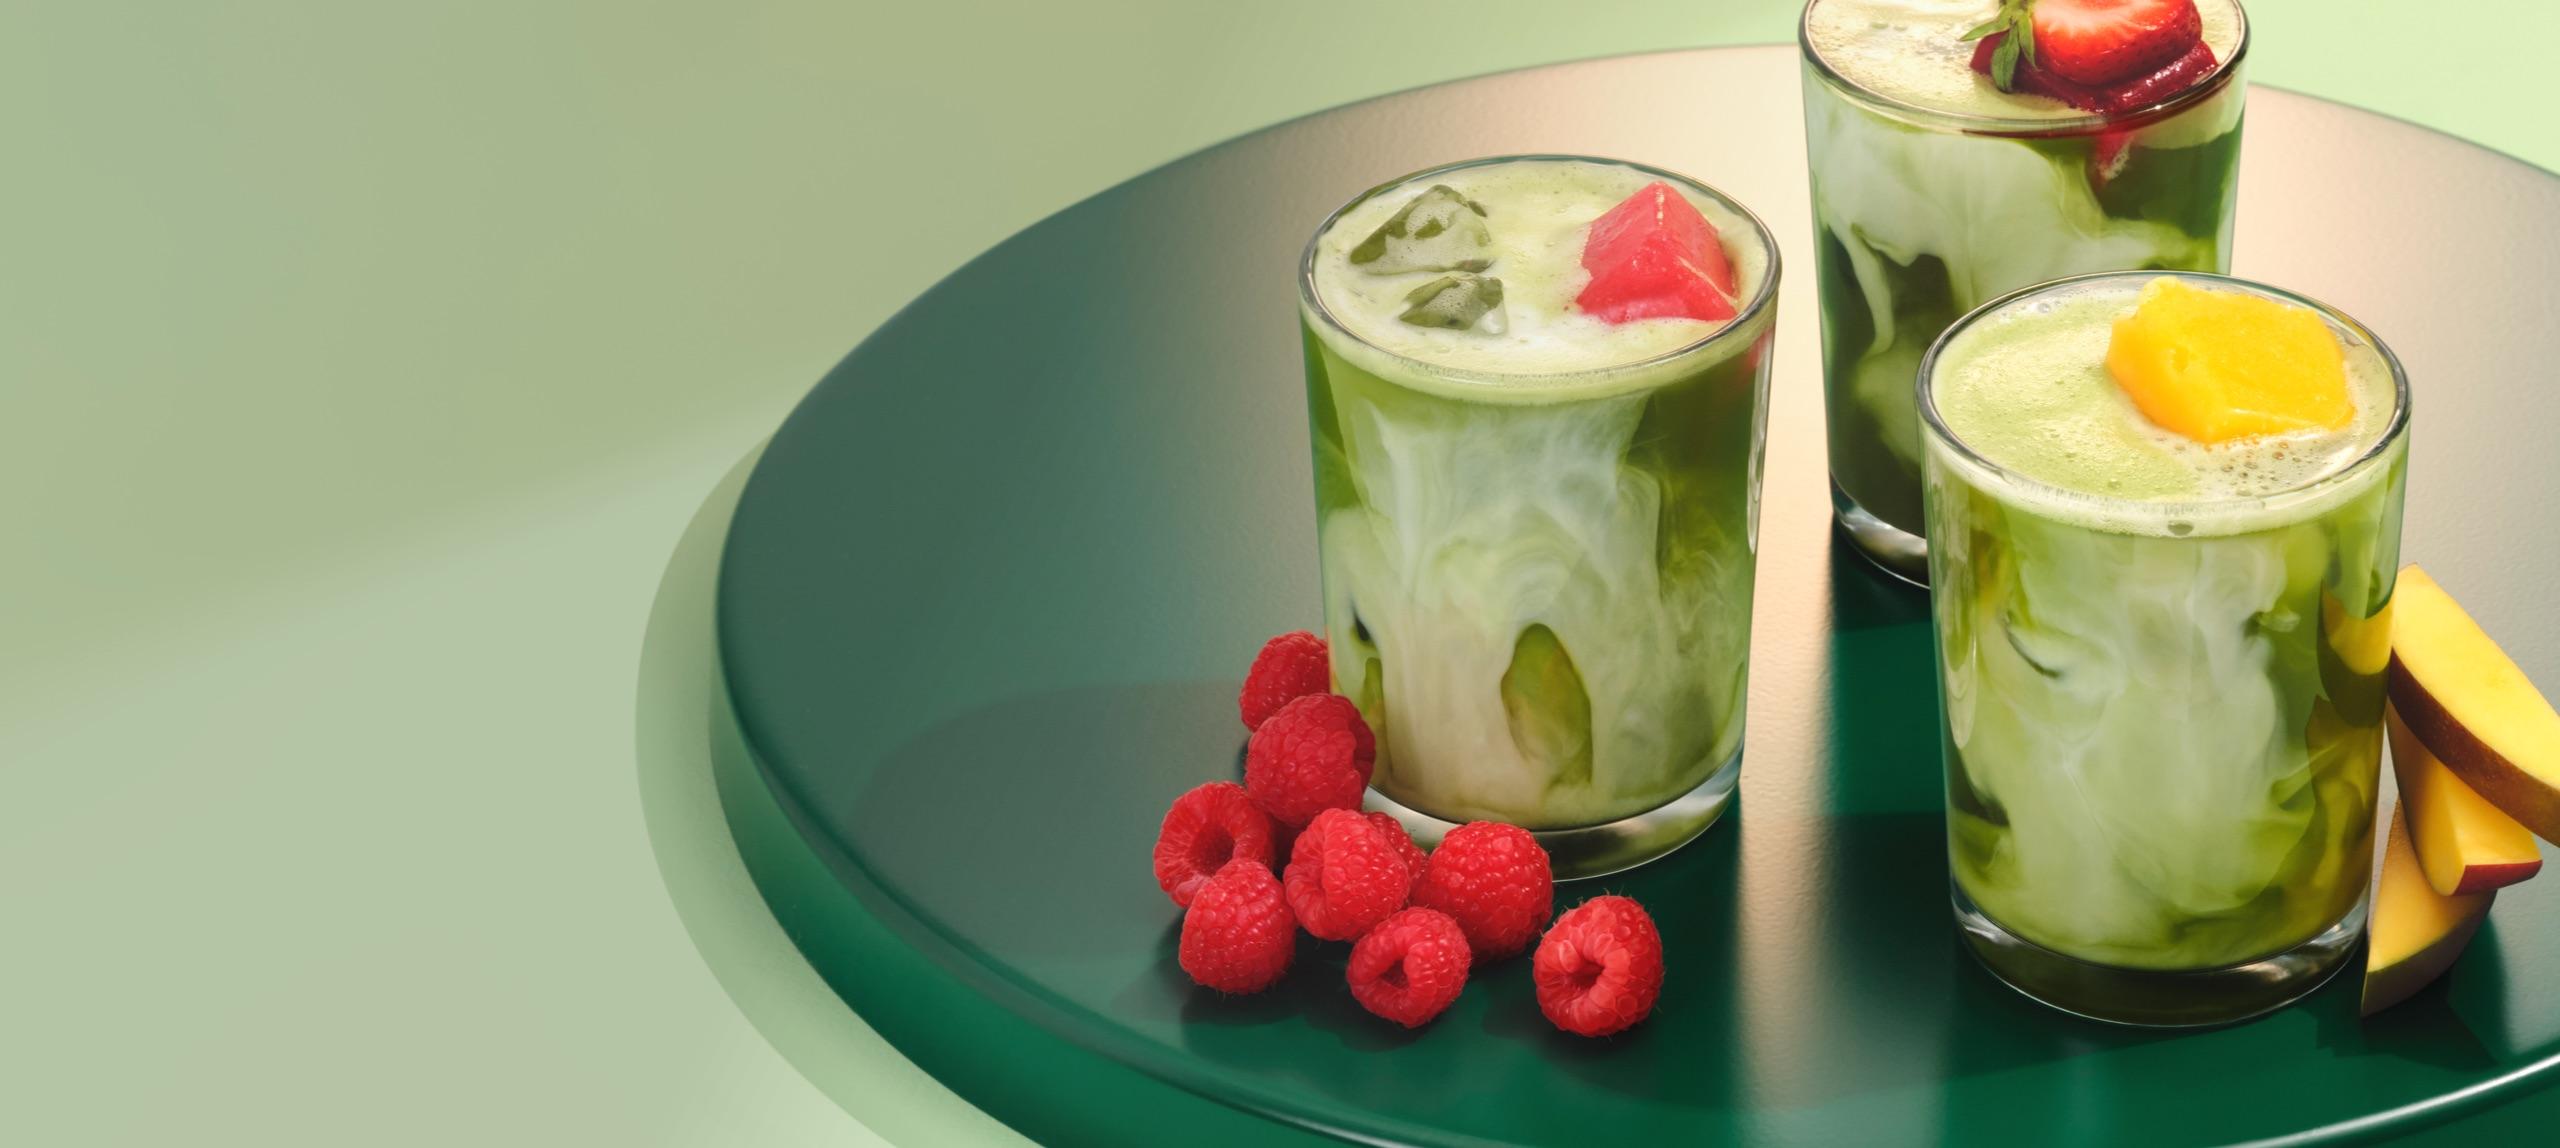 Trois verres remplis de matcha placés sur un cabaret circulaire avec des framboises, mangues et fraises sur le dessus.